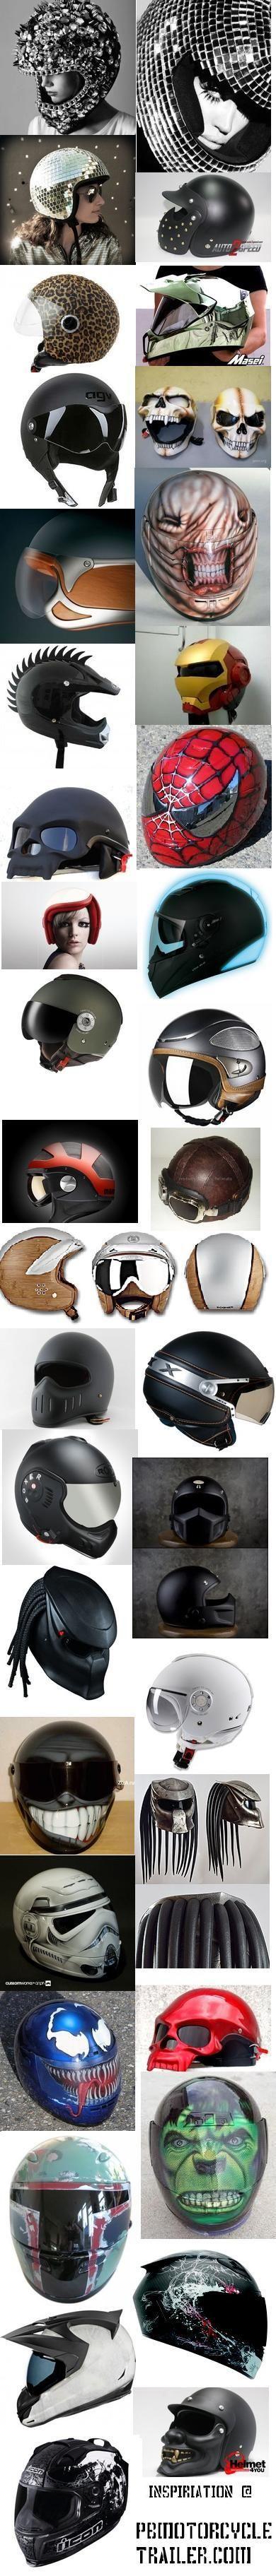 helmet collection.